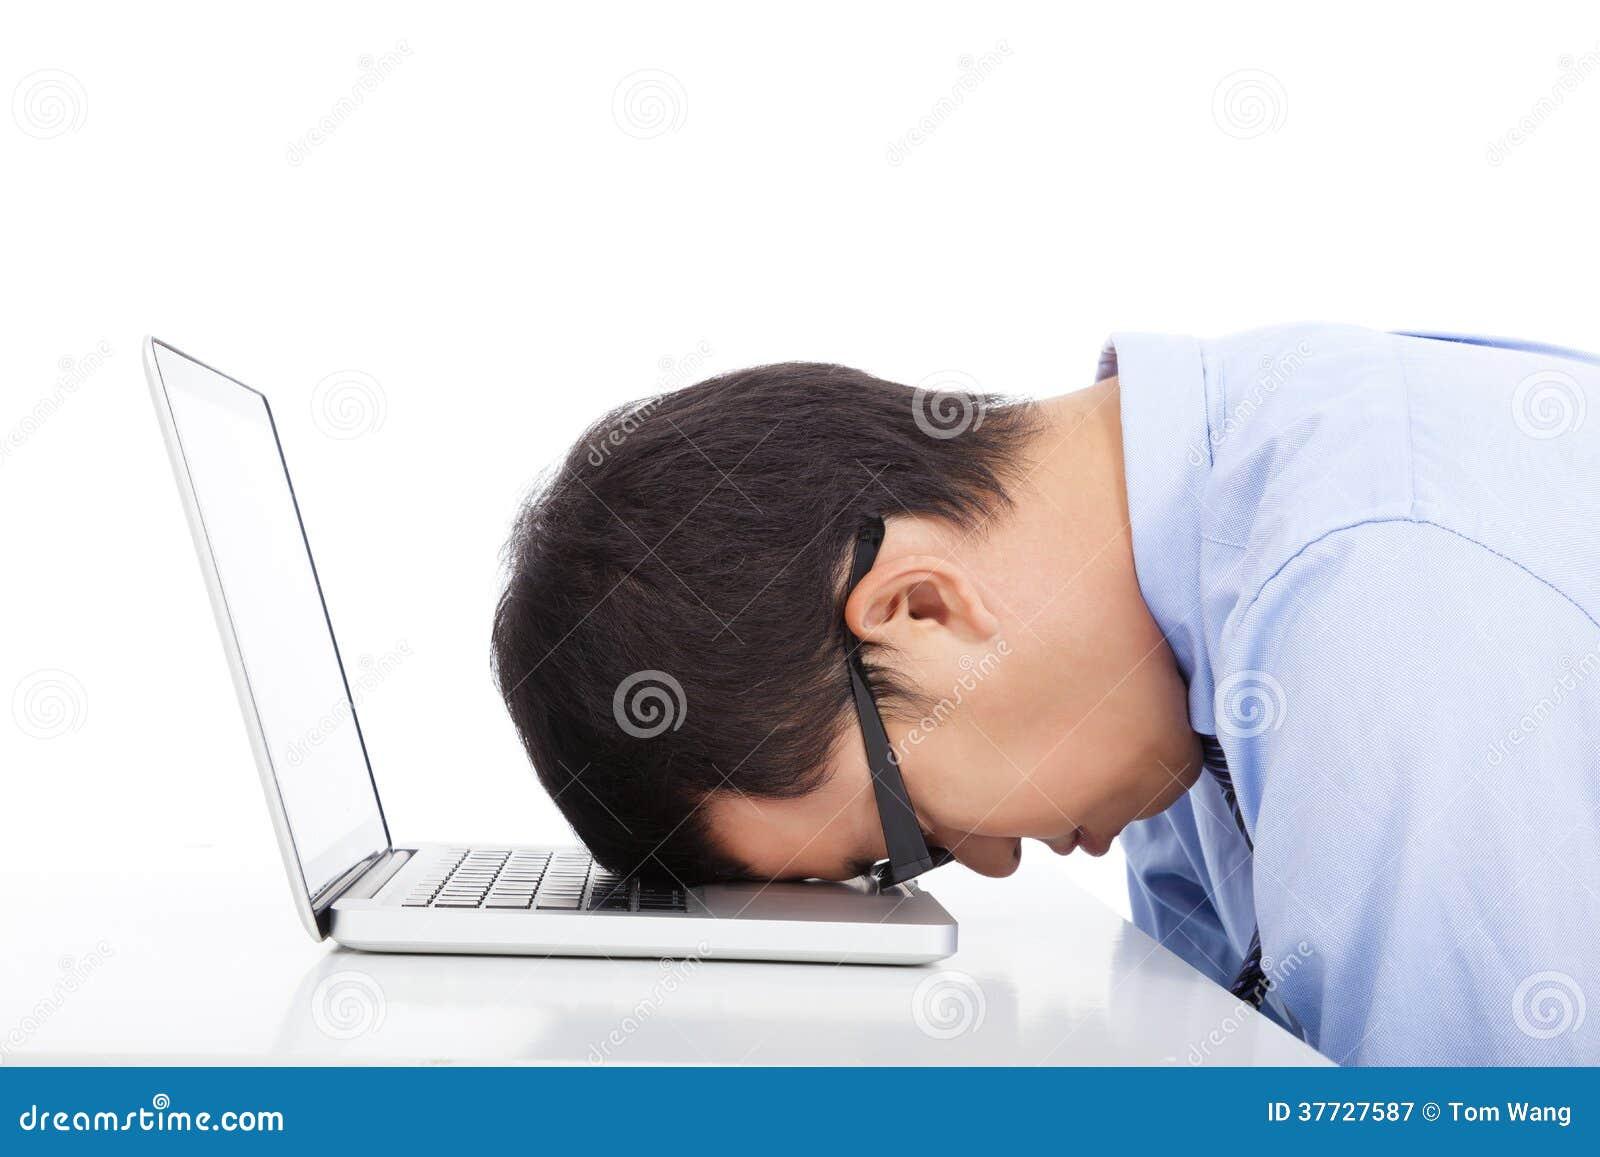 Νέα υπερκόπωση επιχειρηματιών επίσης σε κοιμισμένο